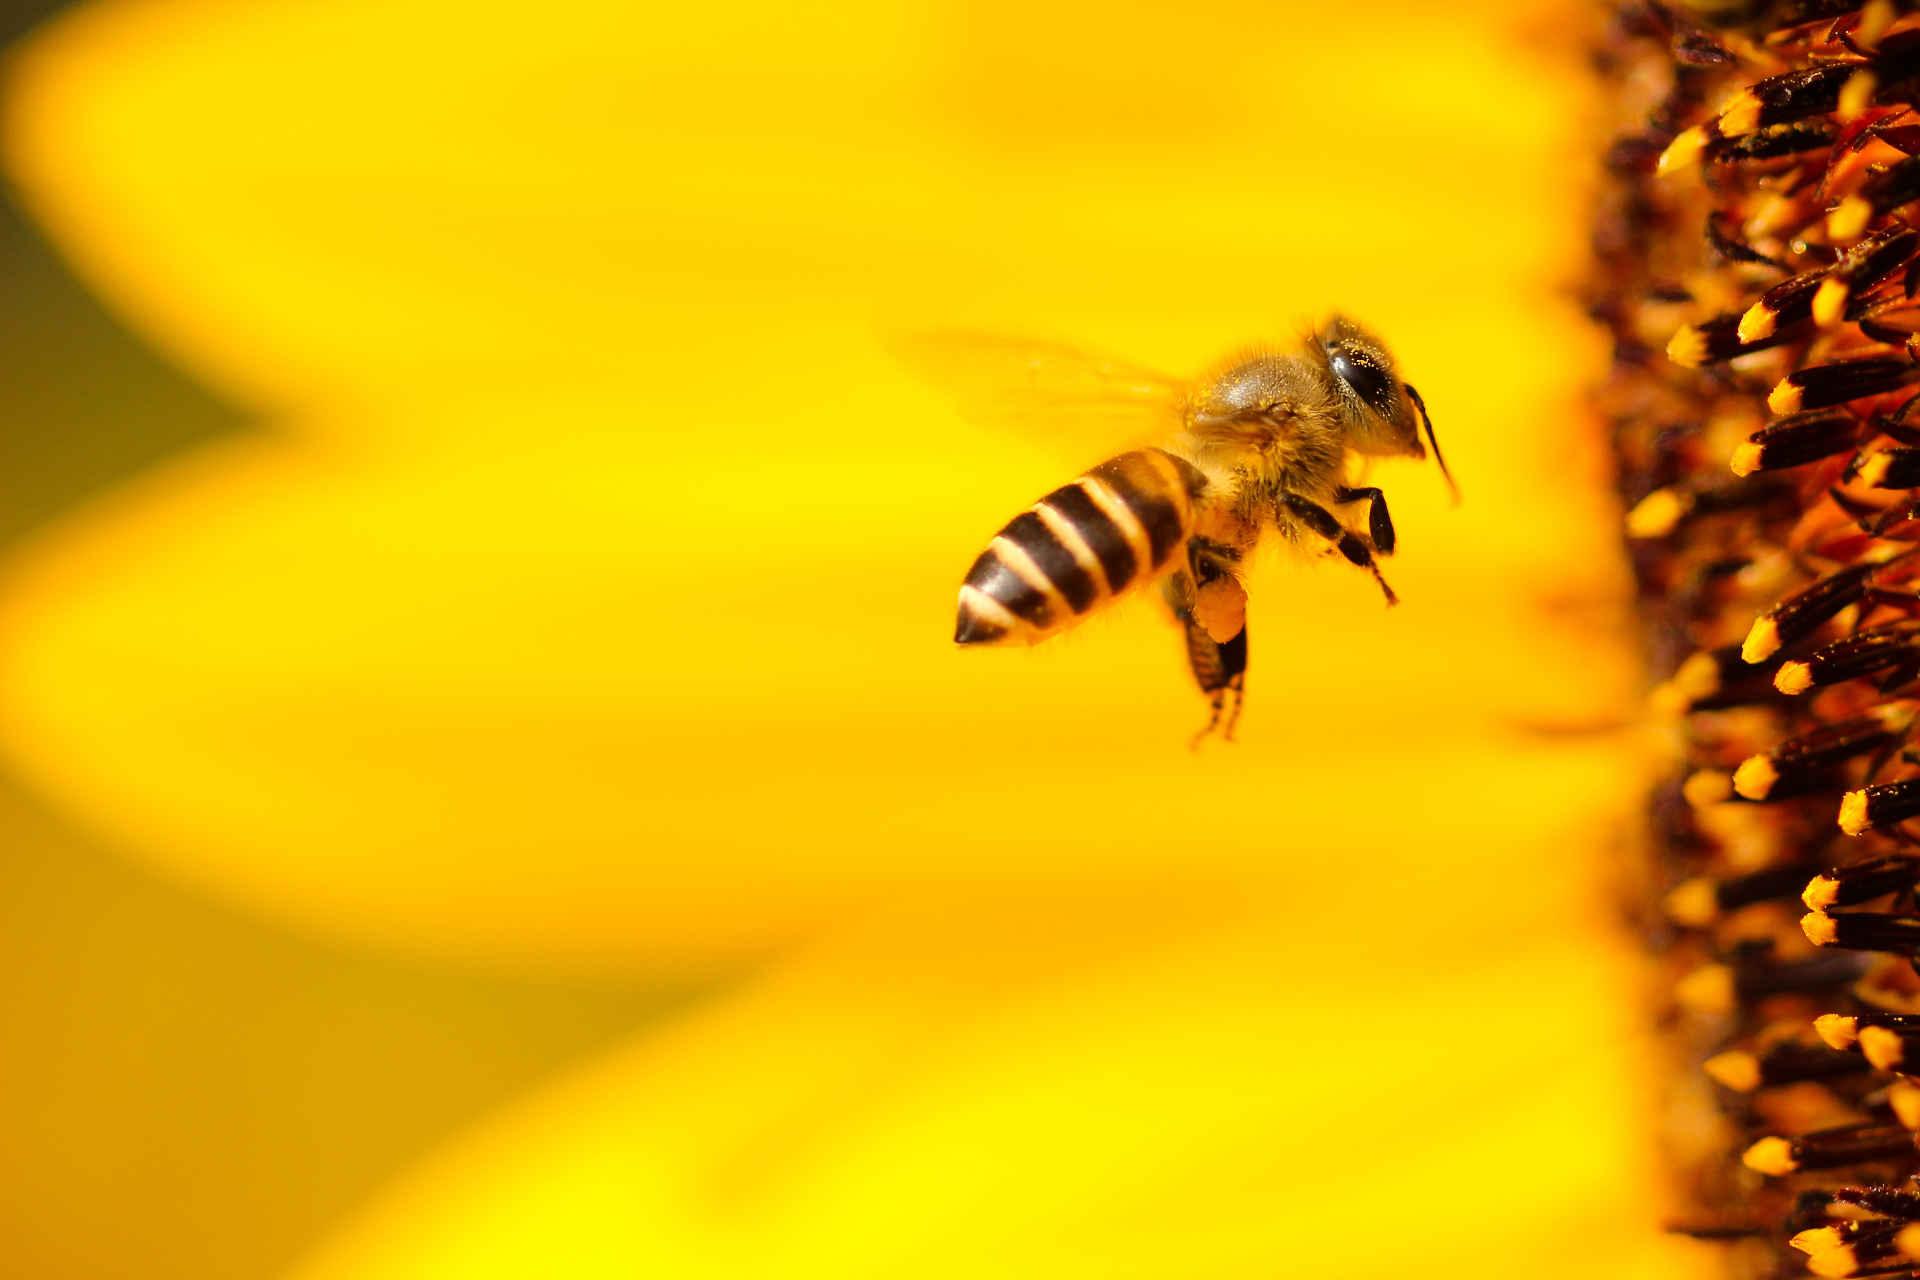 Was hilft gegen Mücken? | WWF Blog